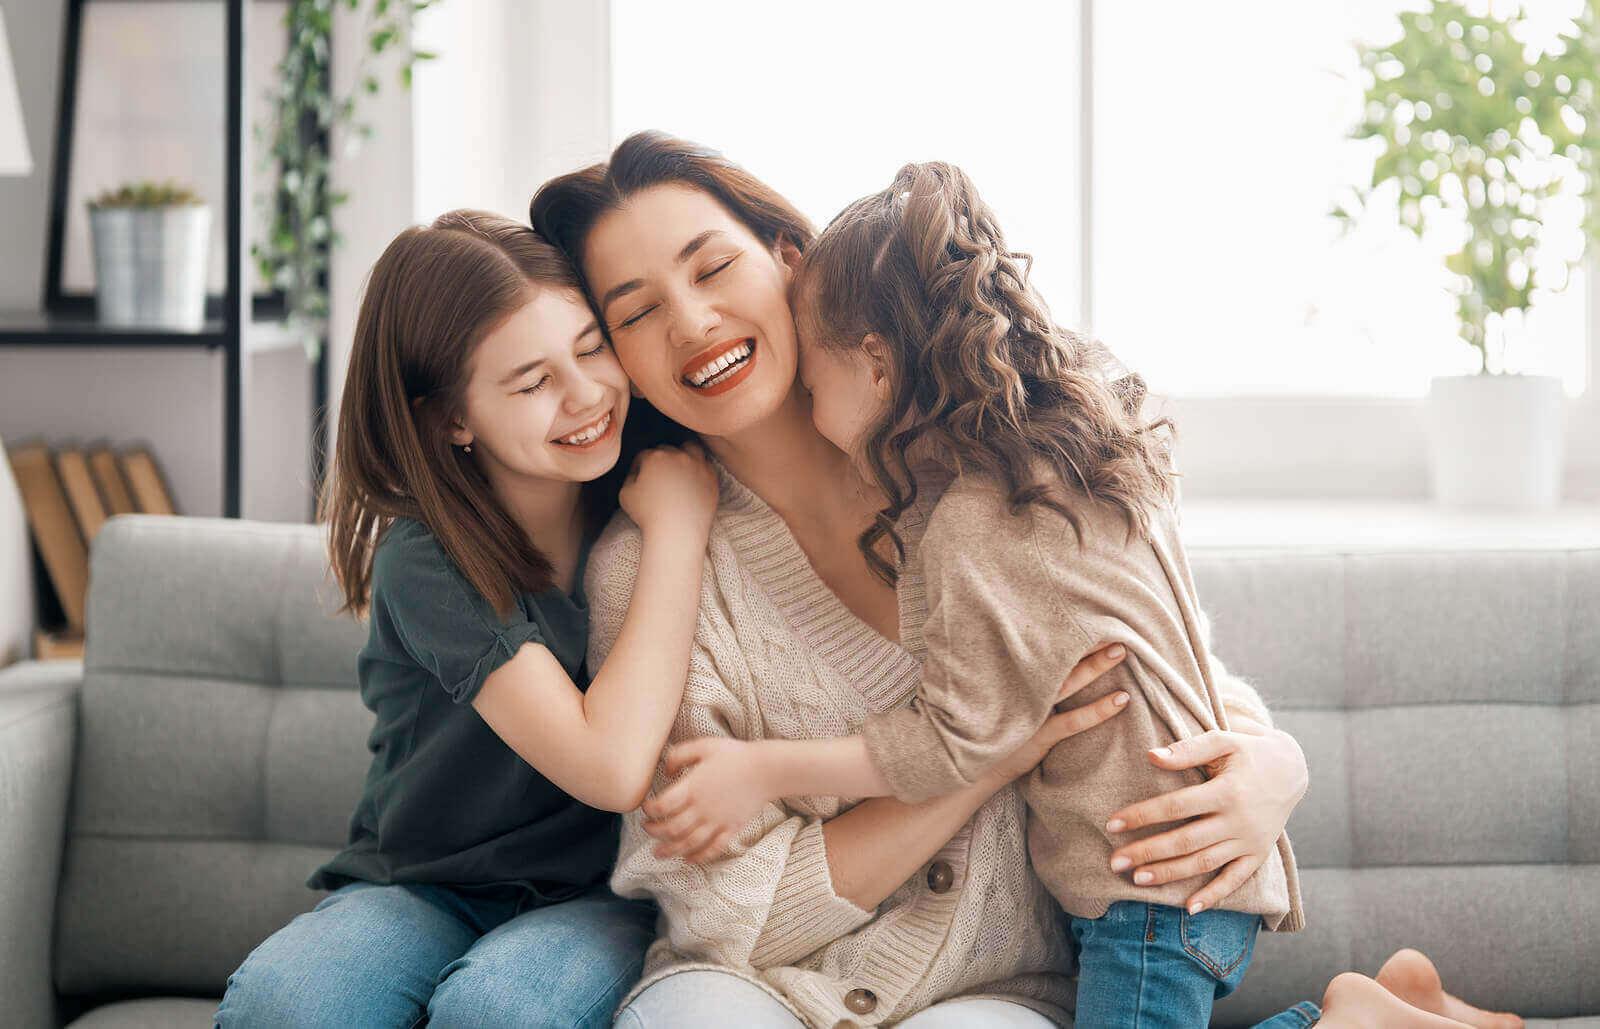 Fyysinen läheisyys on tärkeää lapsen kasvun ja kehityksen kannalta